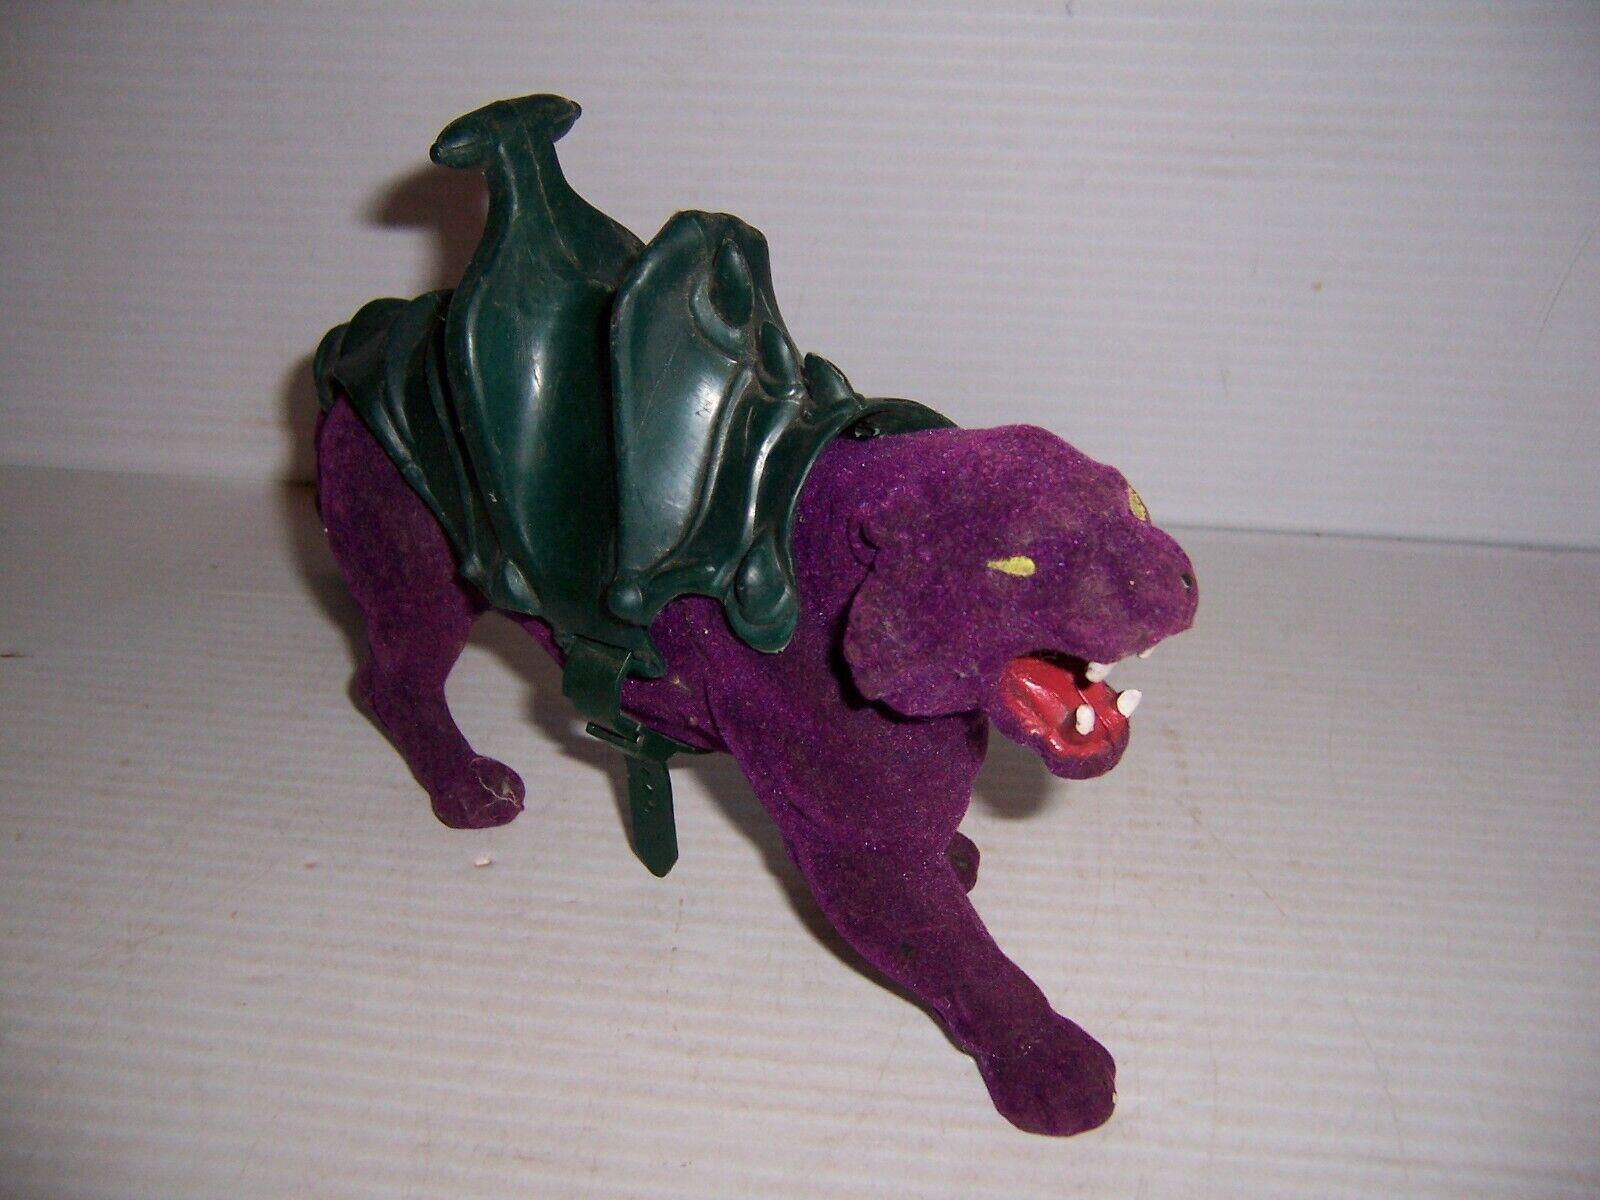 1983 los Amos del Universo Amos del Universo Panthor púrpura Battle Cat figura con silla de montar